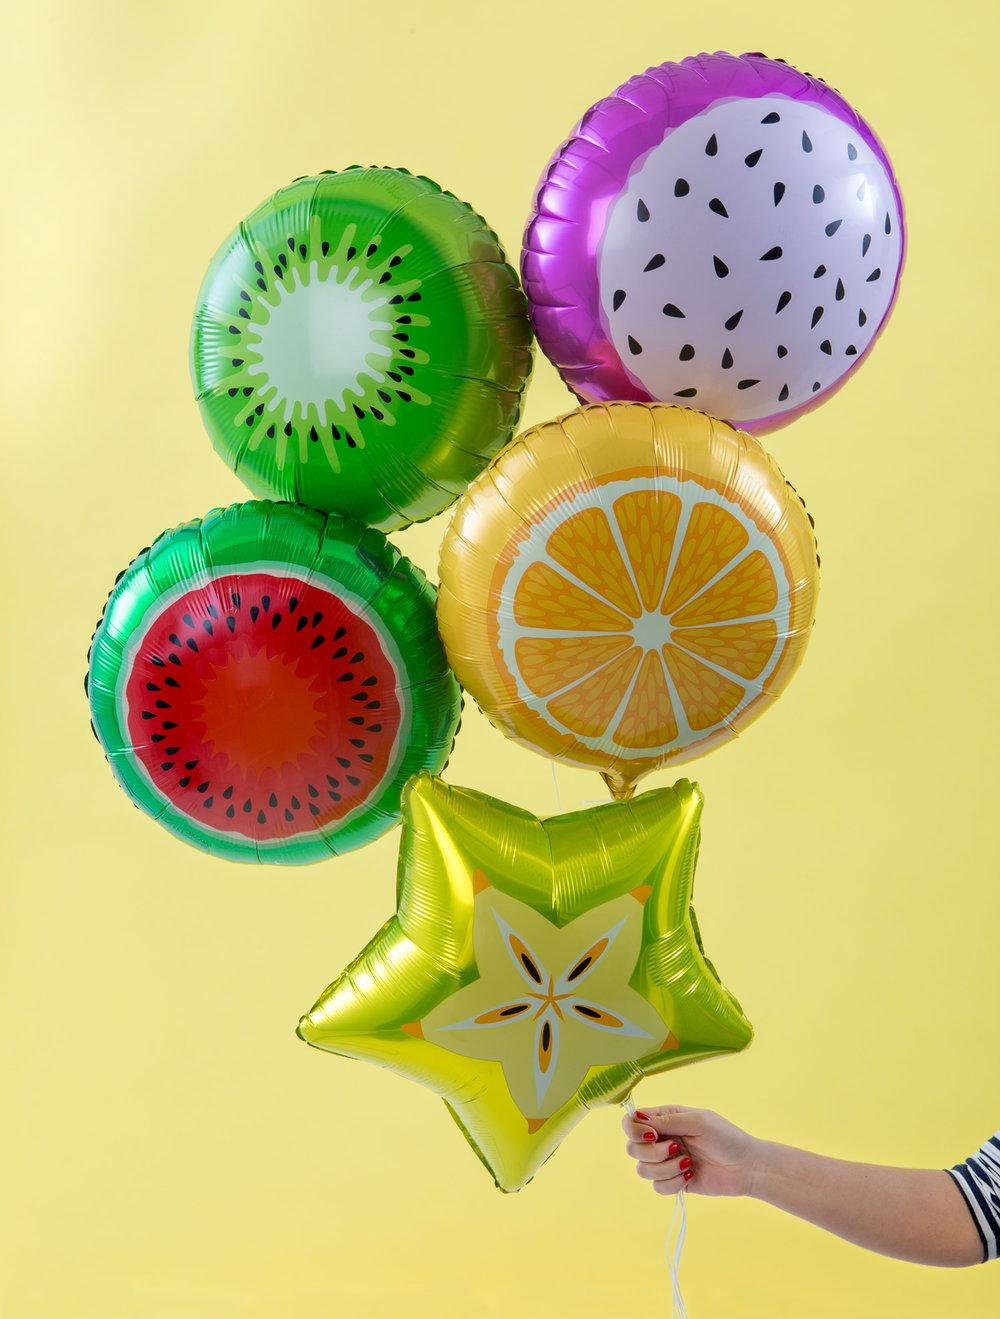 Copy of Fruktklase av fruktballonger